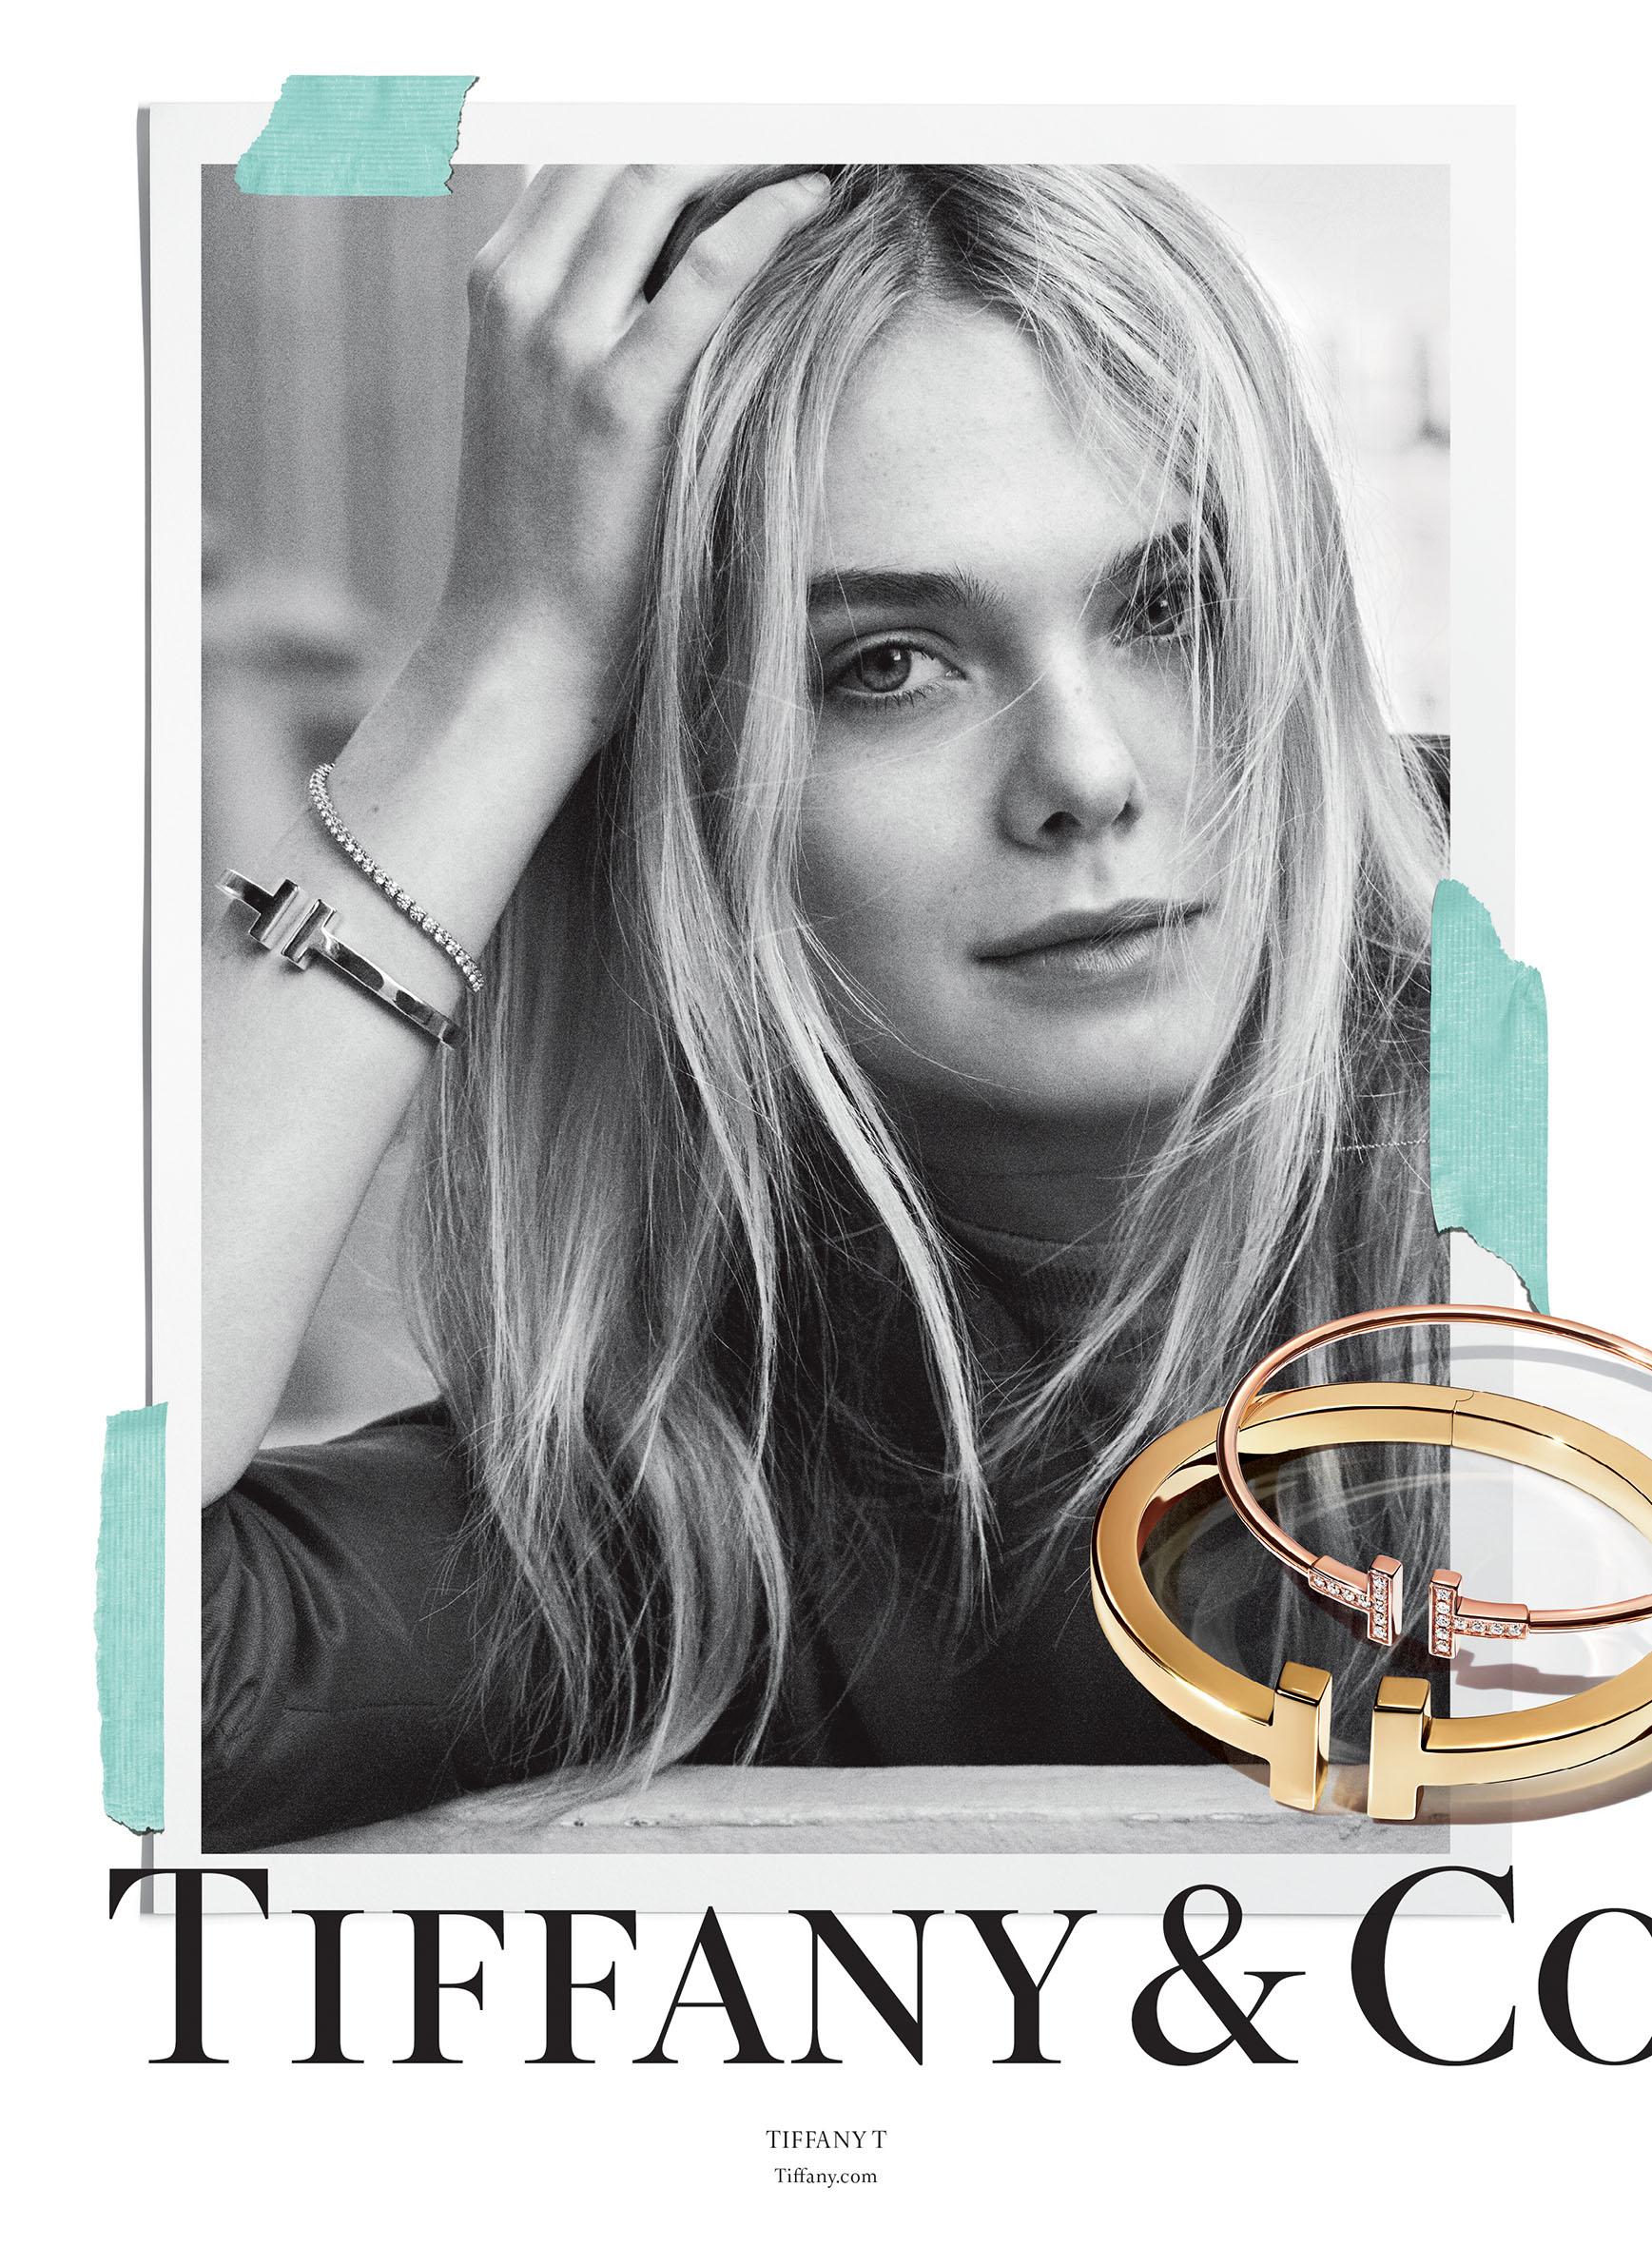 7 Tiffany Believe in Dreams_TIFFANY T_1